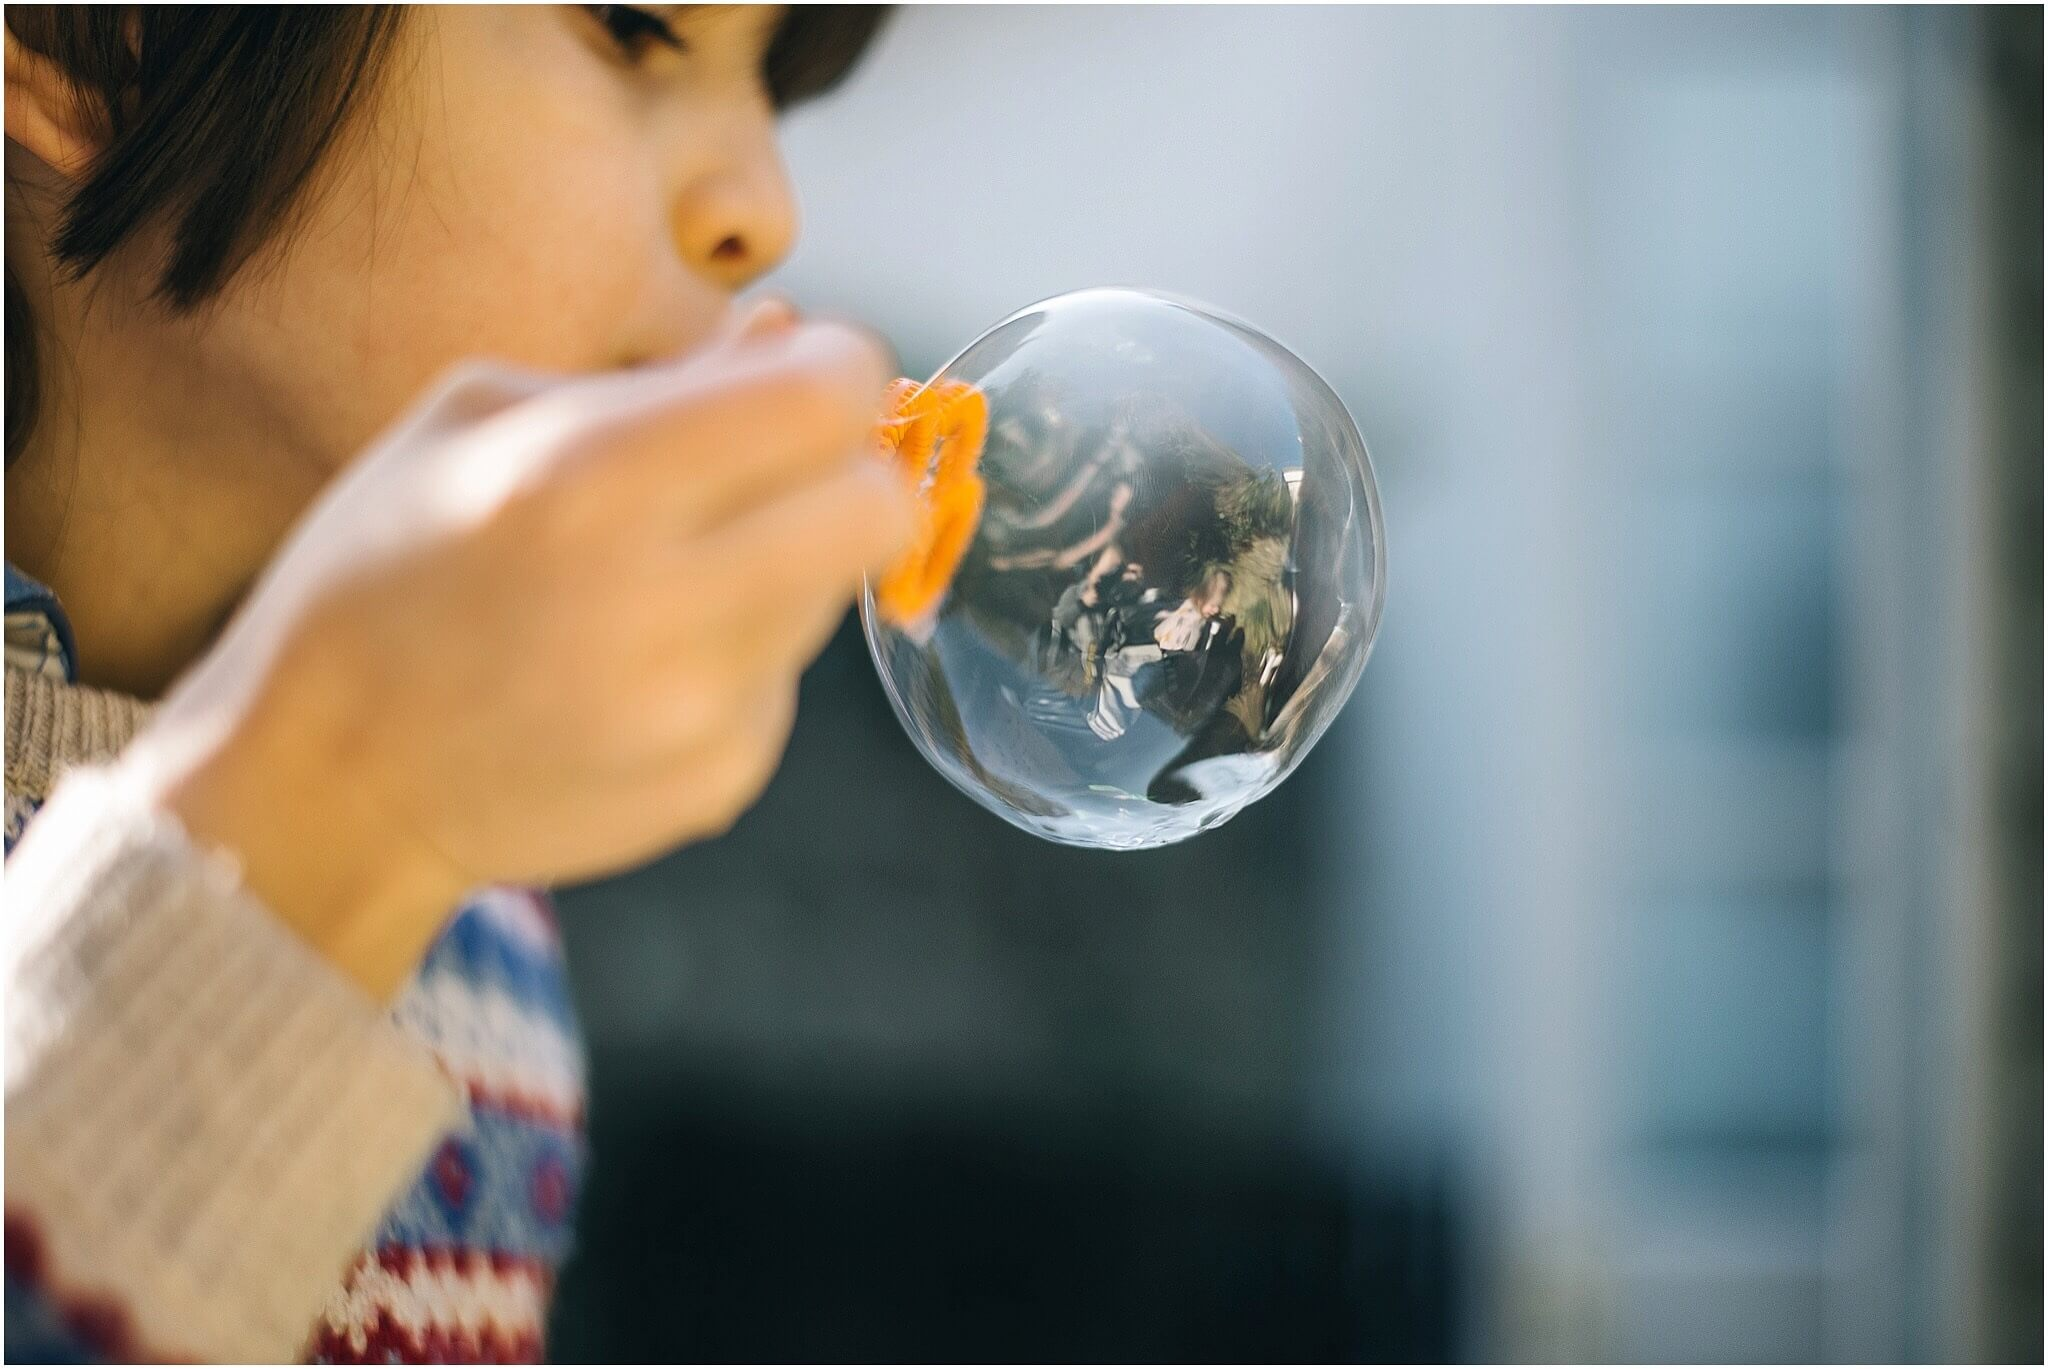 5 sposobów na wspomaganie rozwoju dziecka